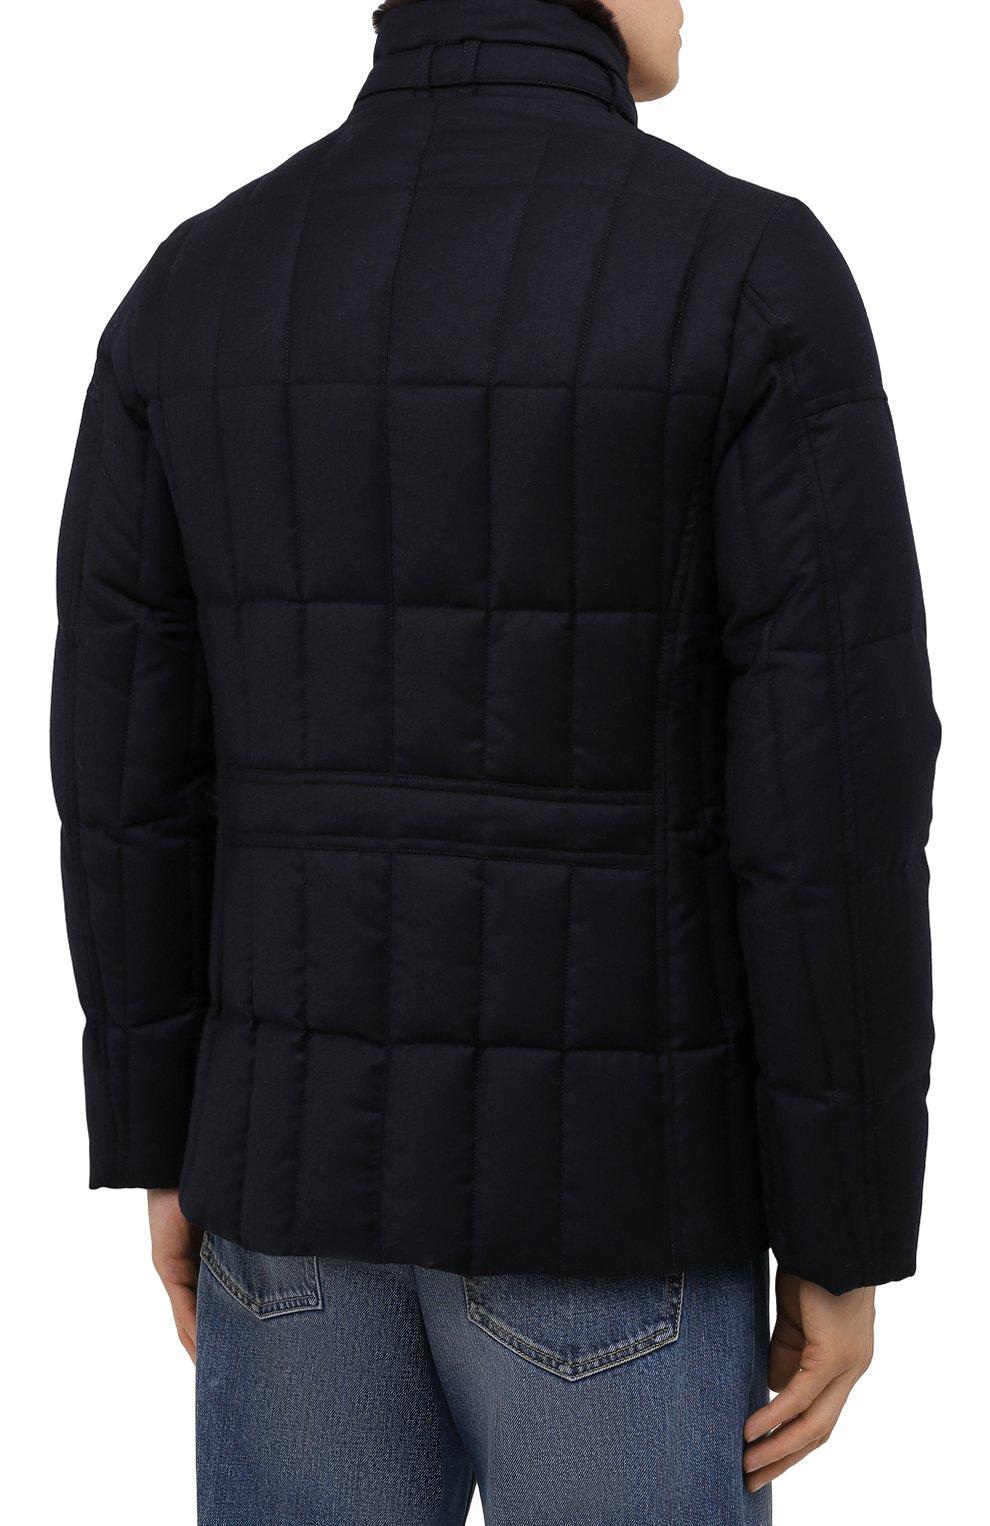 Мужская пуховая куртка с меховой отделкой siro-l MOORER синего цвета, арт. SIR0-L/M0UGI100276-TEPA217 | Фото 4 (Кросс-КТ: Куртка; Мужское Кросс-КТ: пуховик-короткий; Материал внешний: Шерсть; Рукава: Длинные; Материал подклада: Синтетический материал; Длина (верхняя одежда): Короткие; Материал утеплителя: Пух и перо; Стили: Кэжуэл)